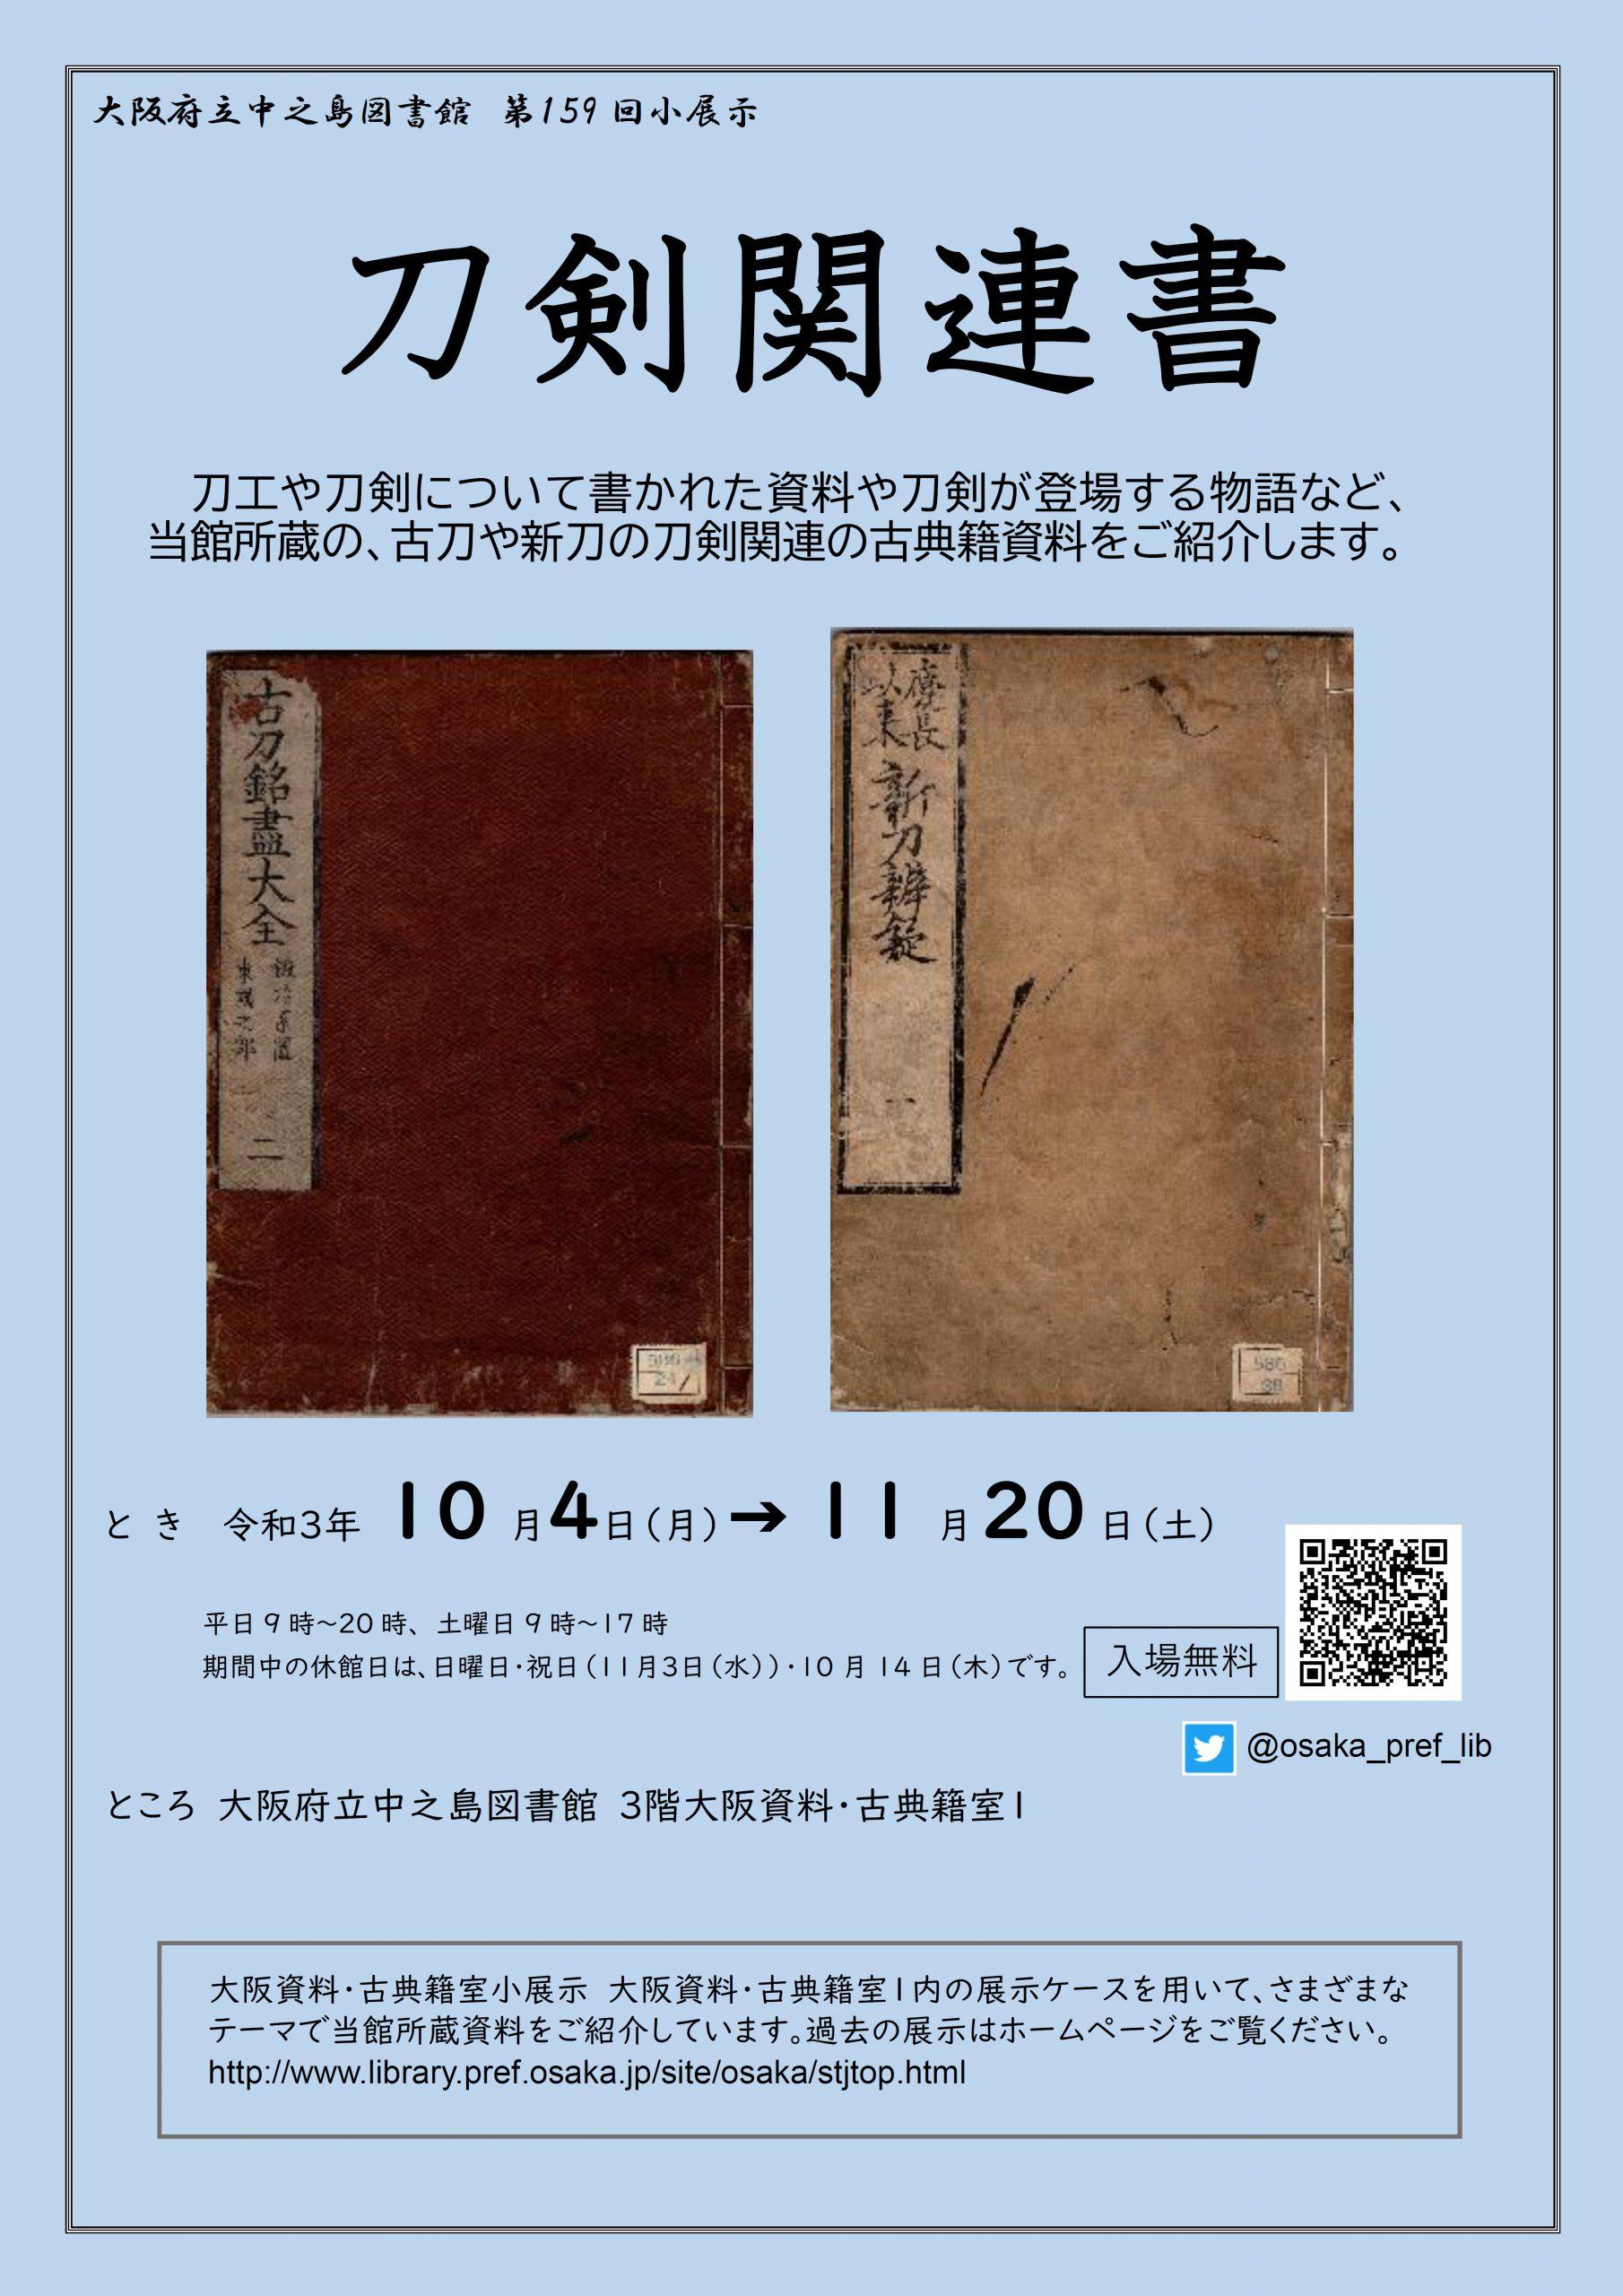 第159回大阪資料・古典籍室小展示「刀剣関連書」